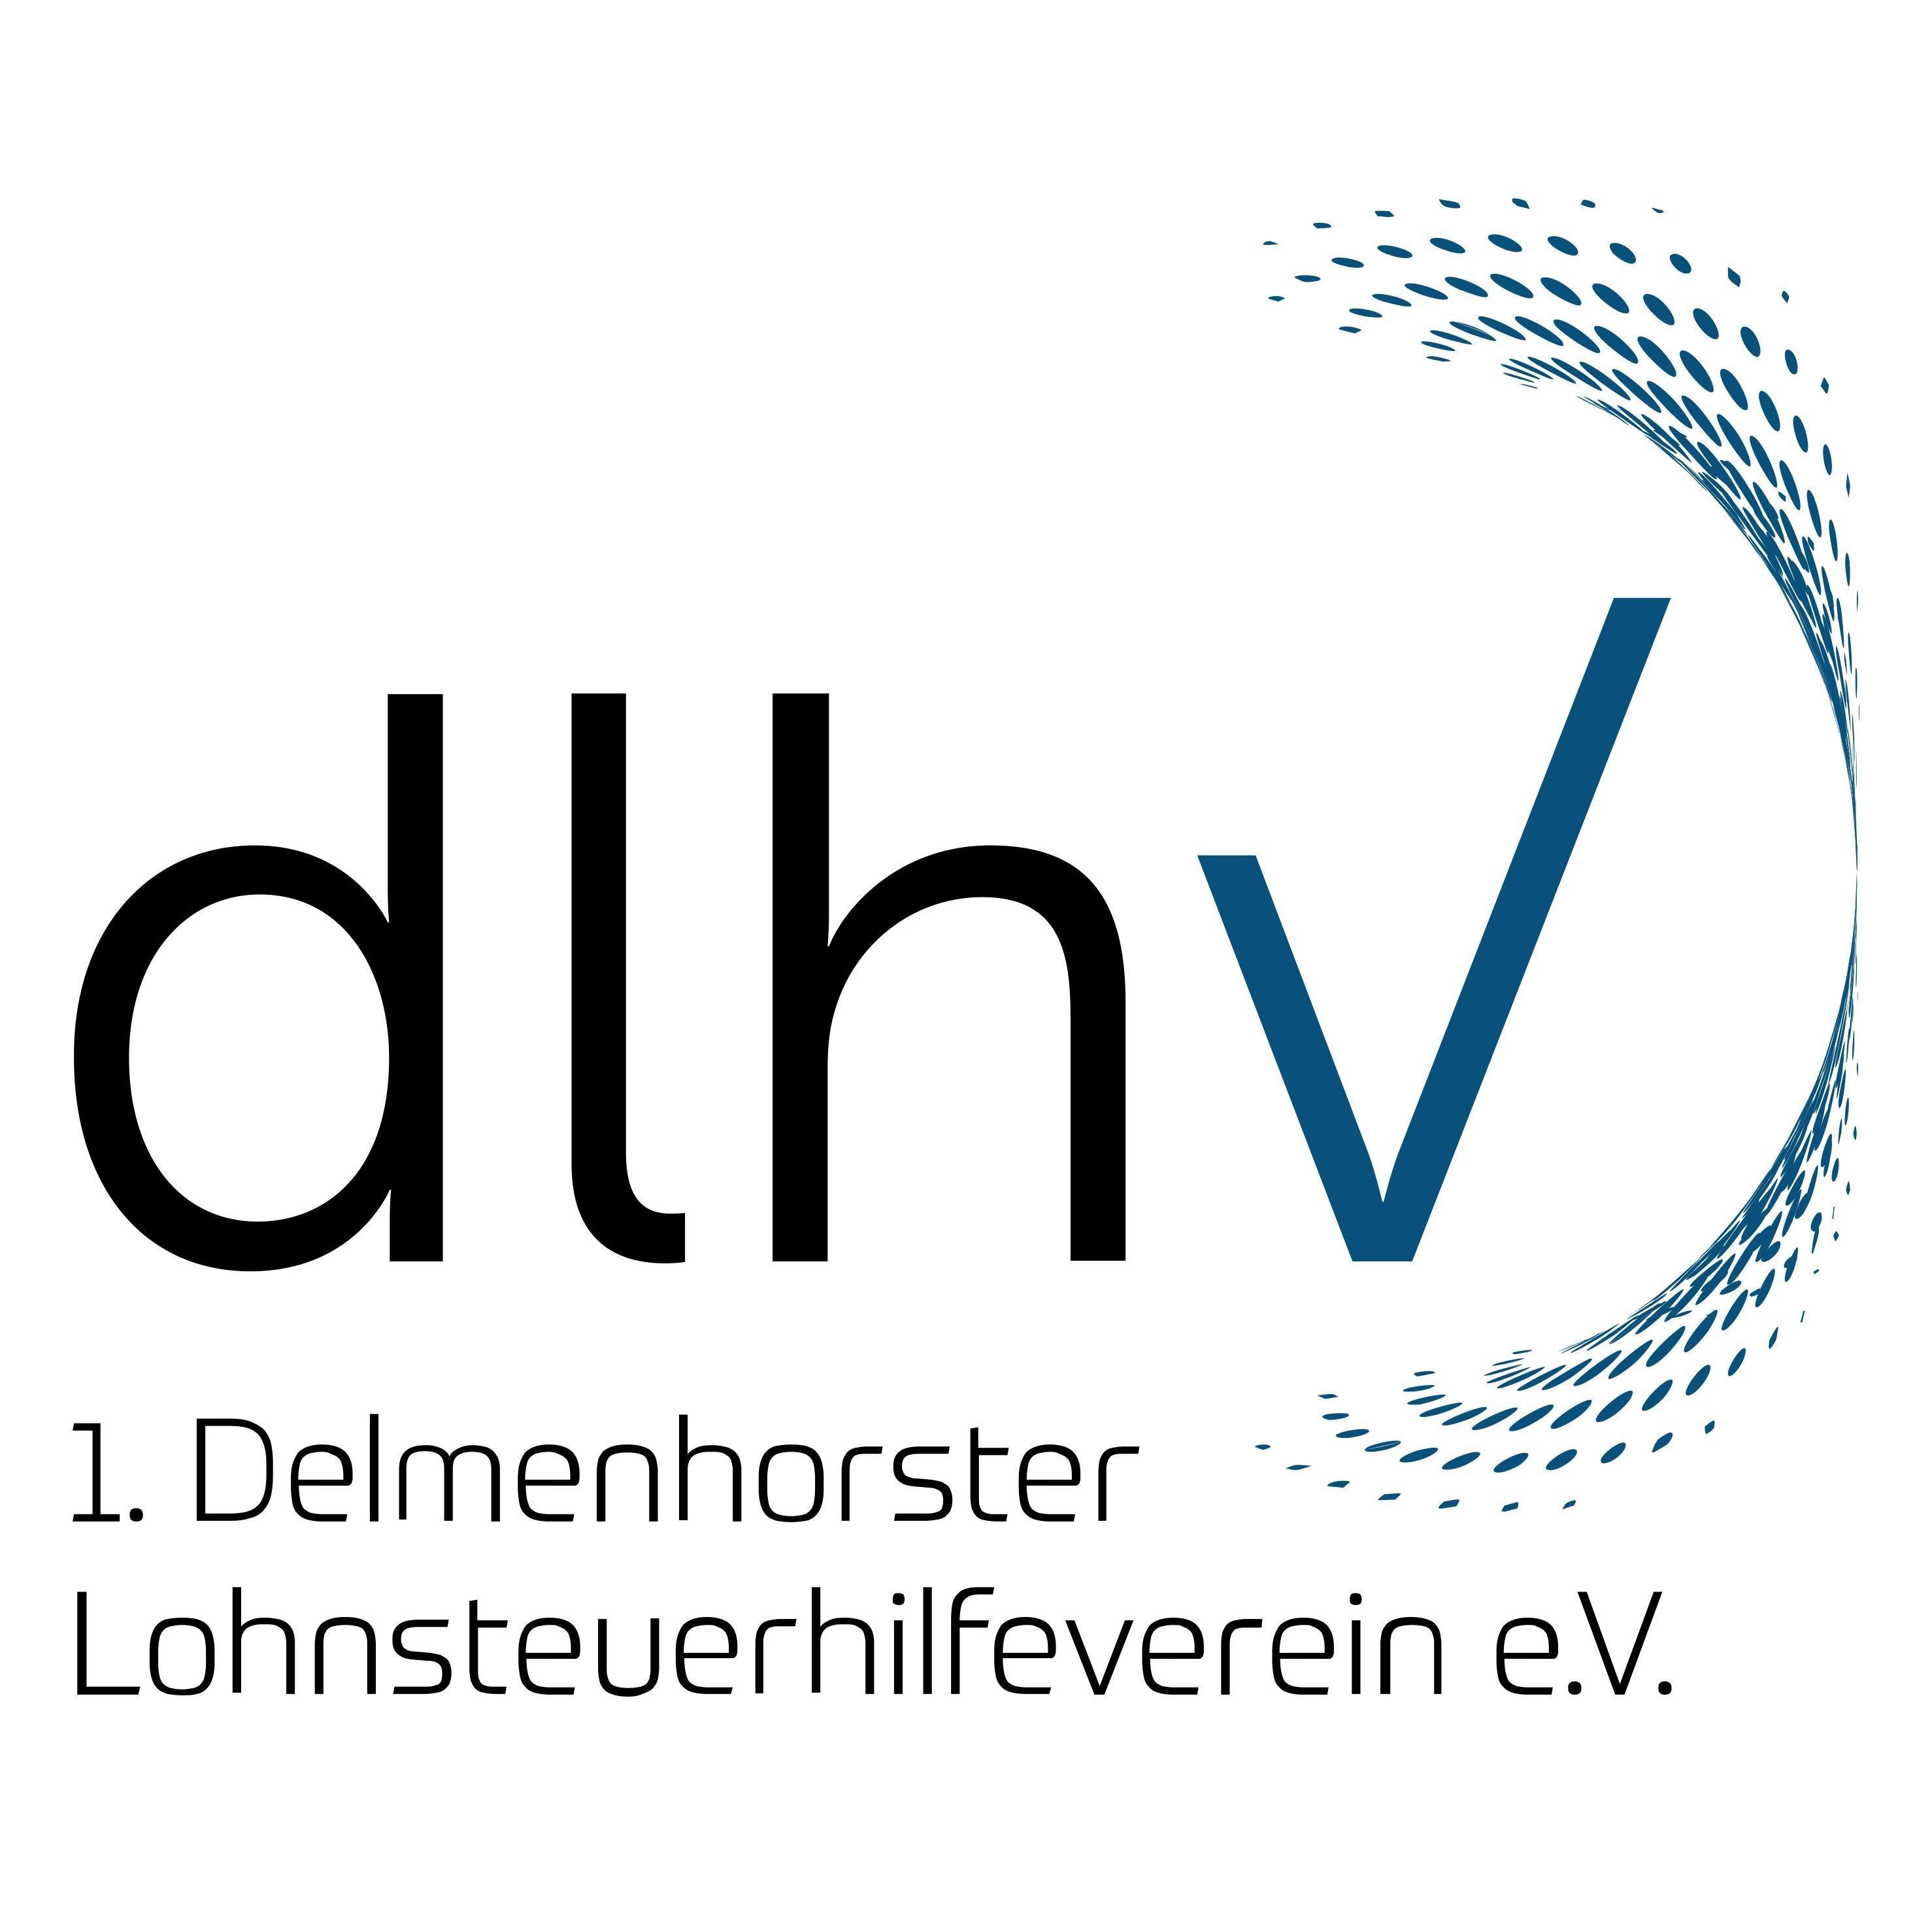 Bild zu Delmenhorster Lohnsteuerhilfeverein e. V. - Detlef Nowag, Steuerfachwirt - Einkommensteuererklärung in Delmenhorst